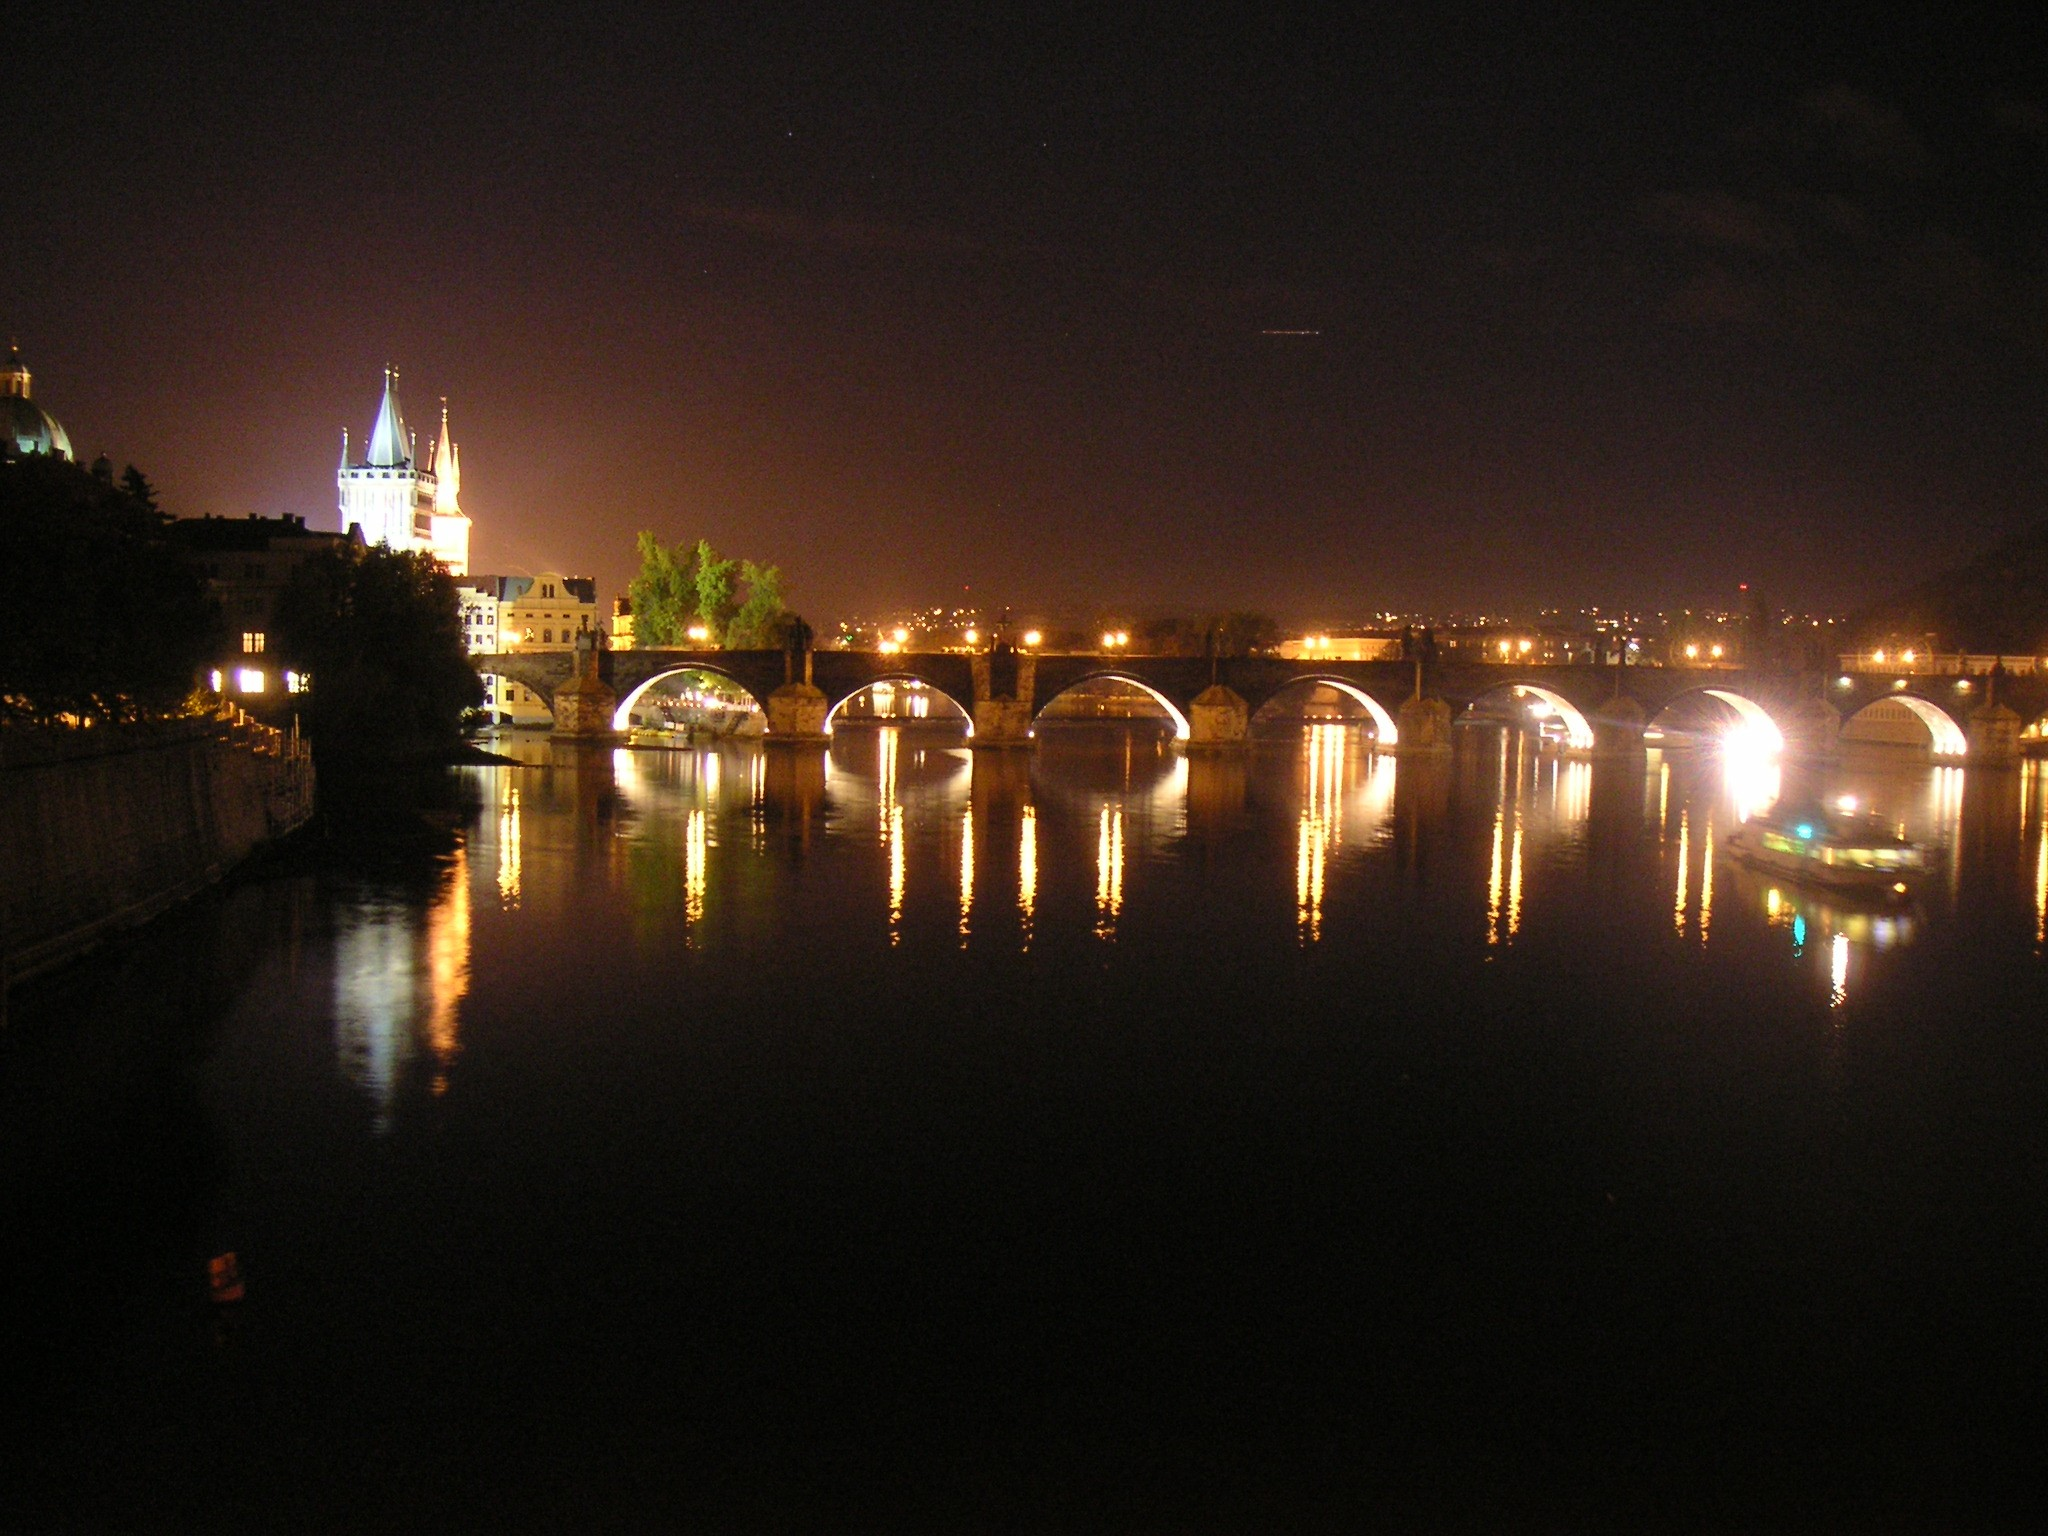 Súbor:charles bridge at night - prague